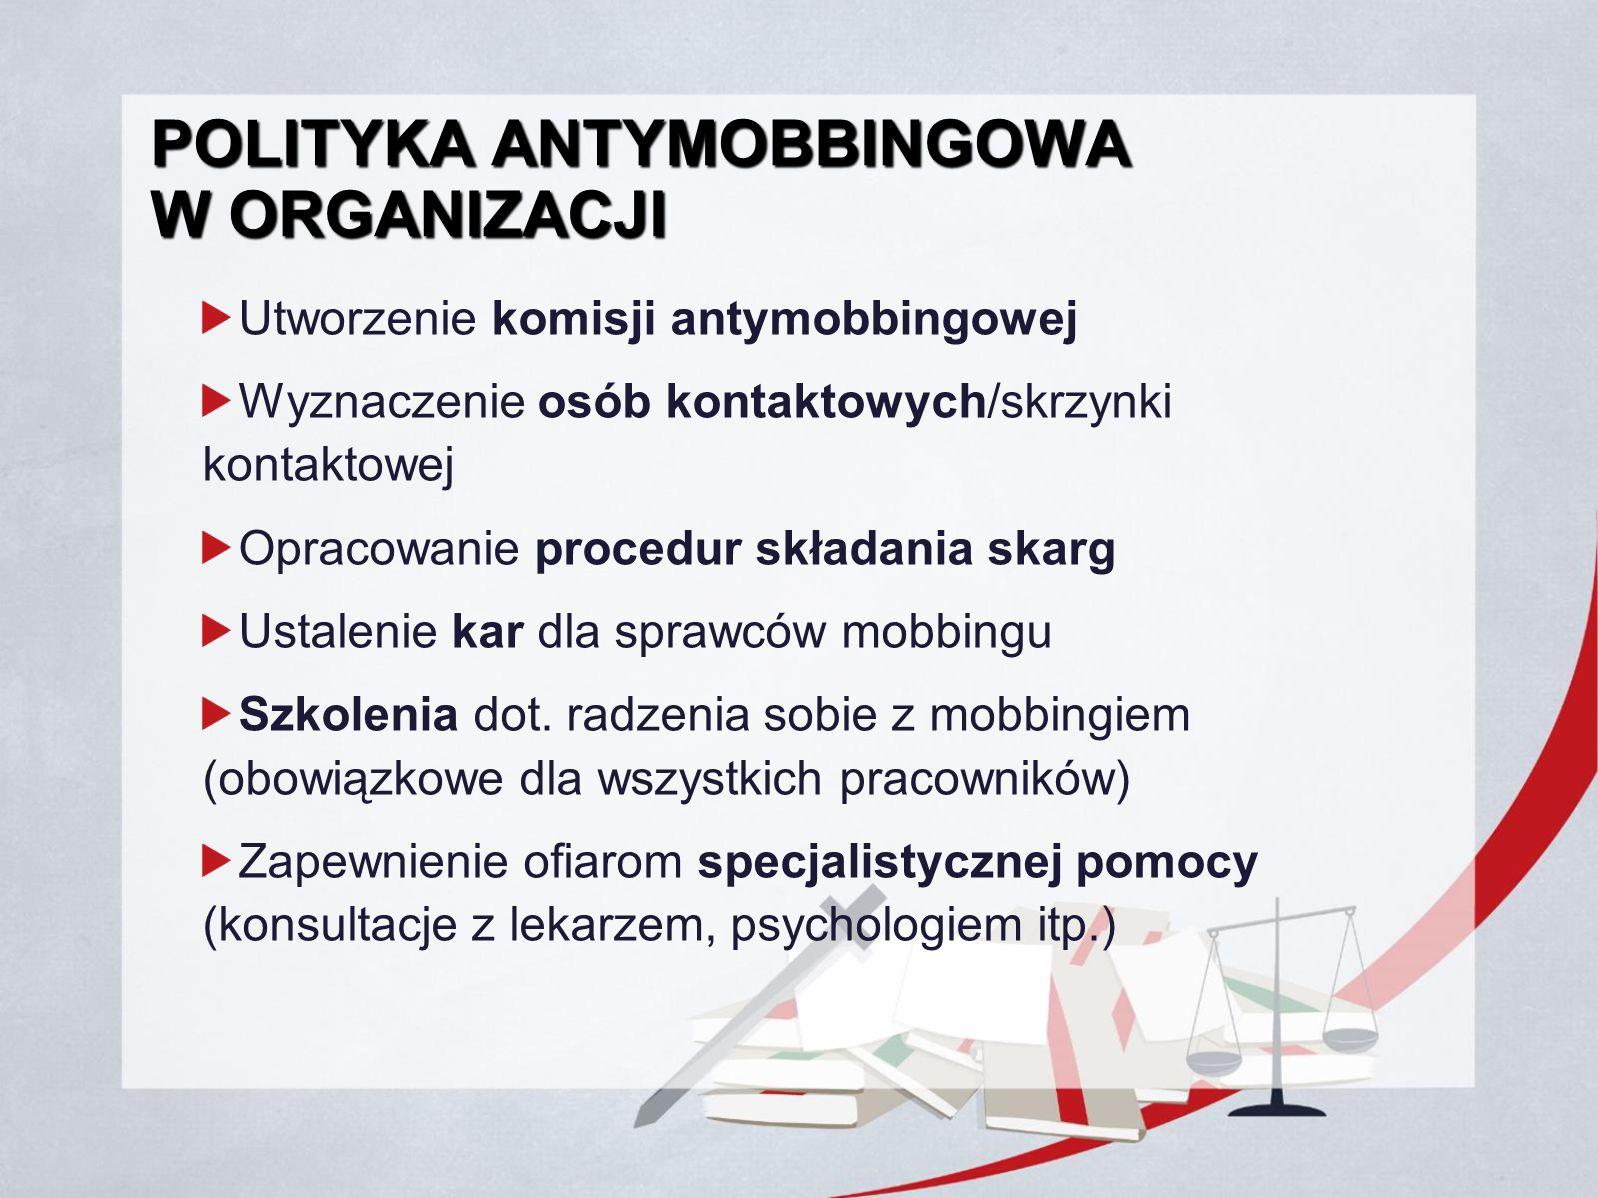 Polityka antymobbingowa w organizacji